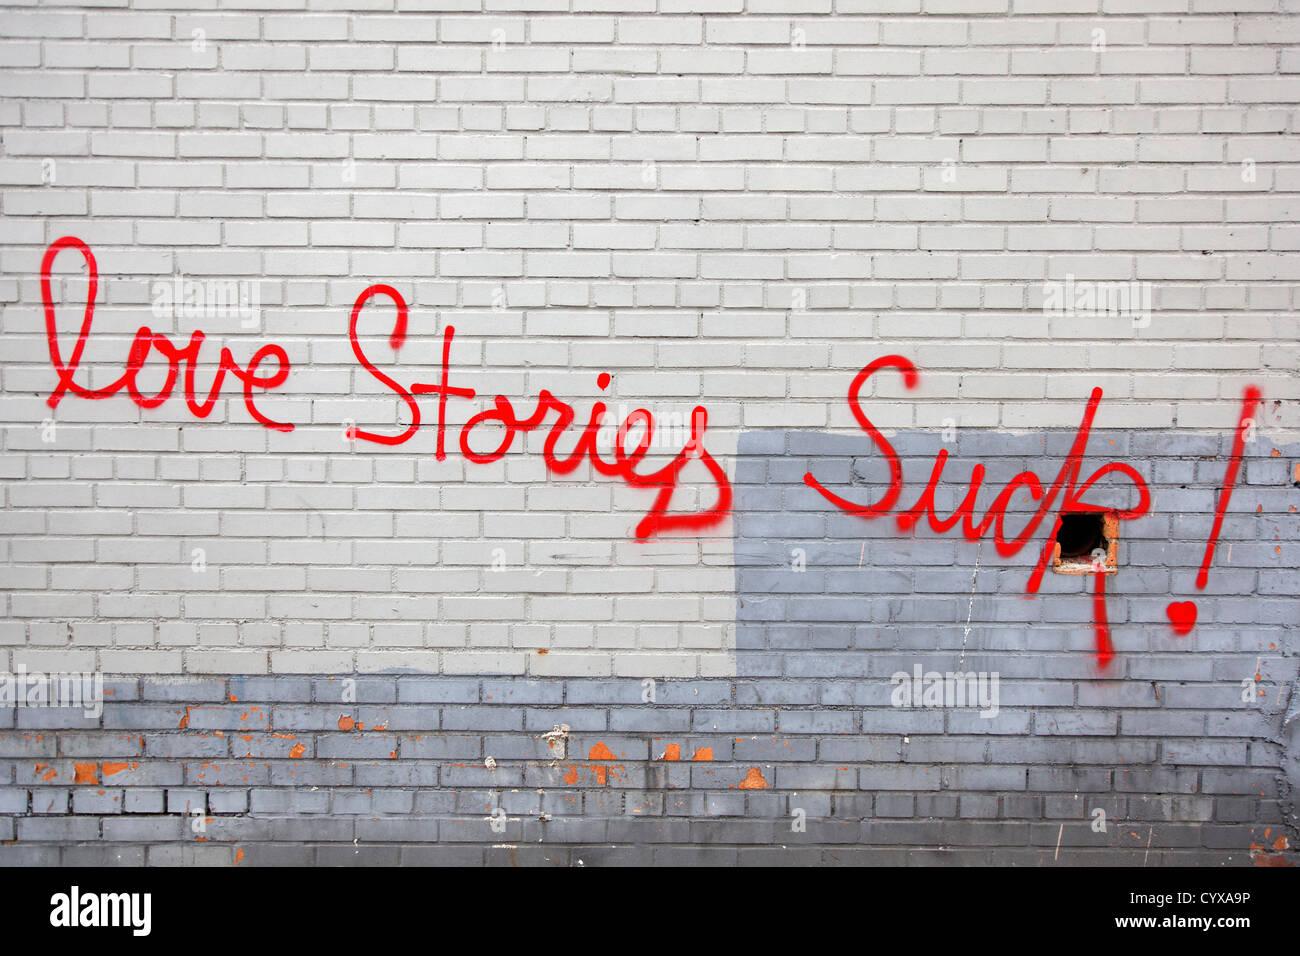 USA, New York, Text on brick wall - Stock Image